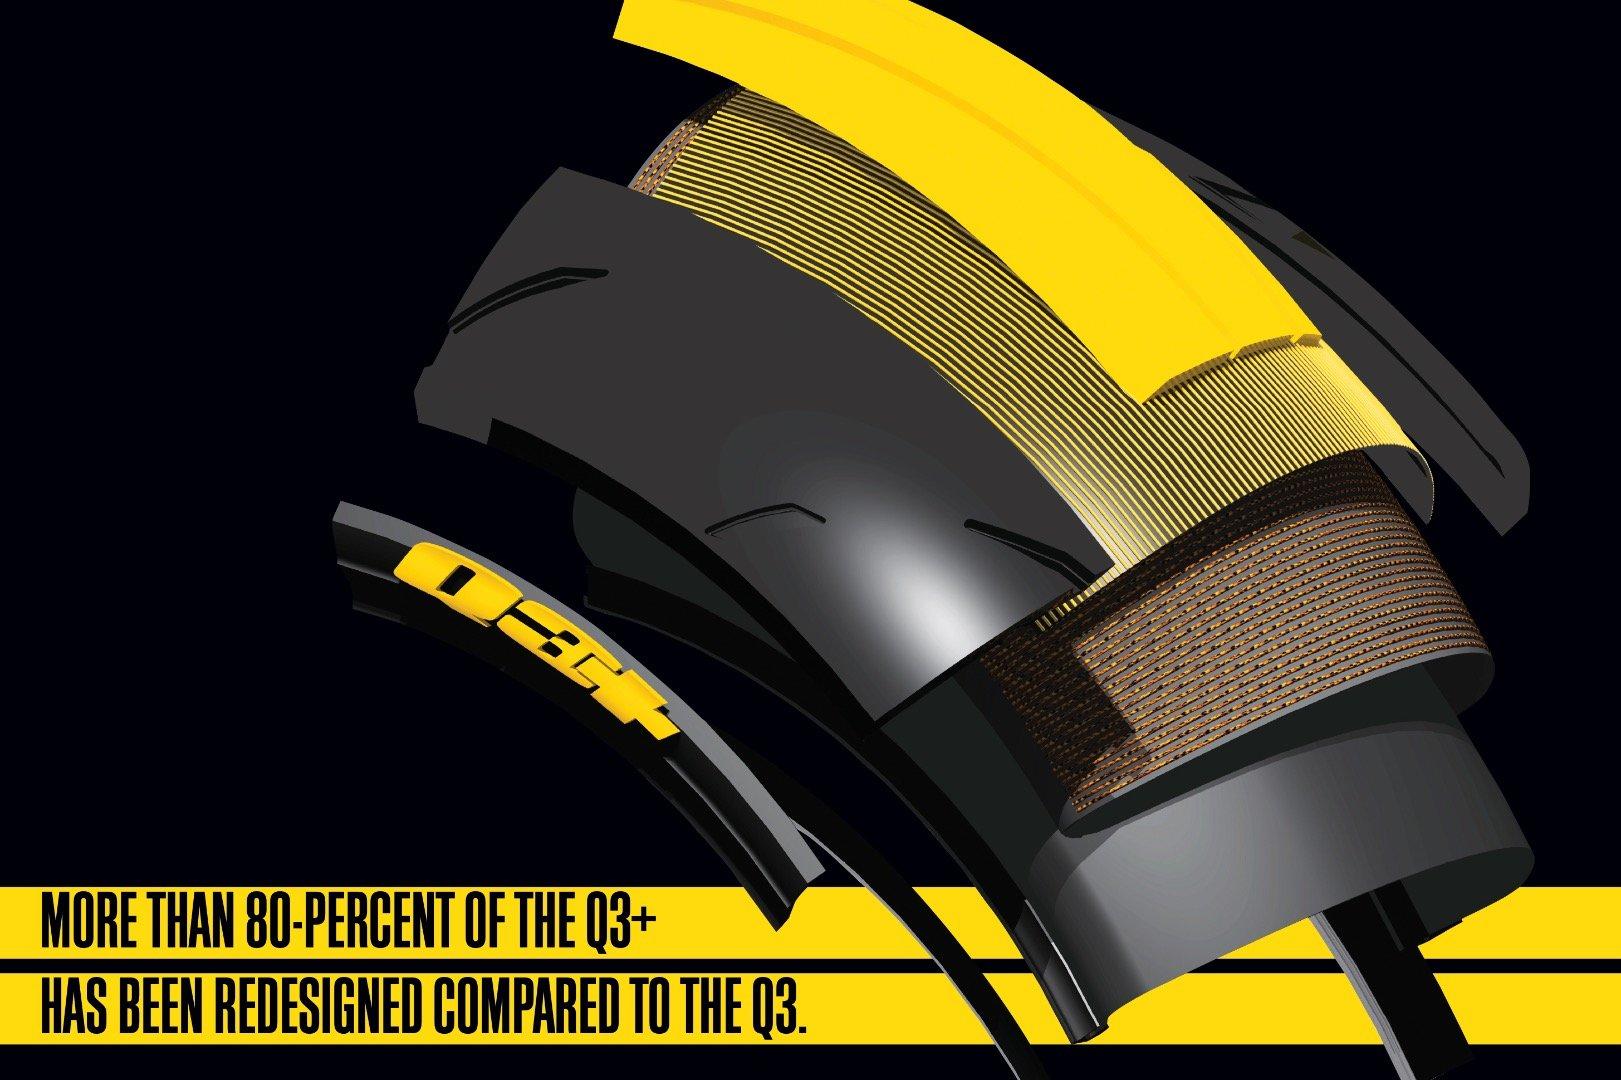 Dunlop Sportmax Q3+ front construction